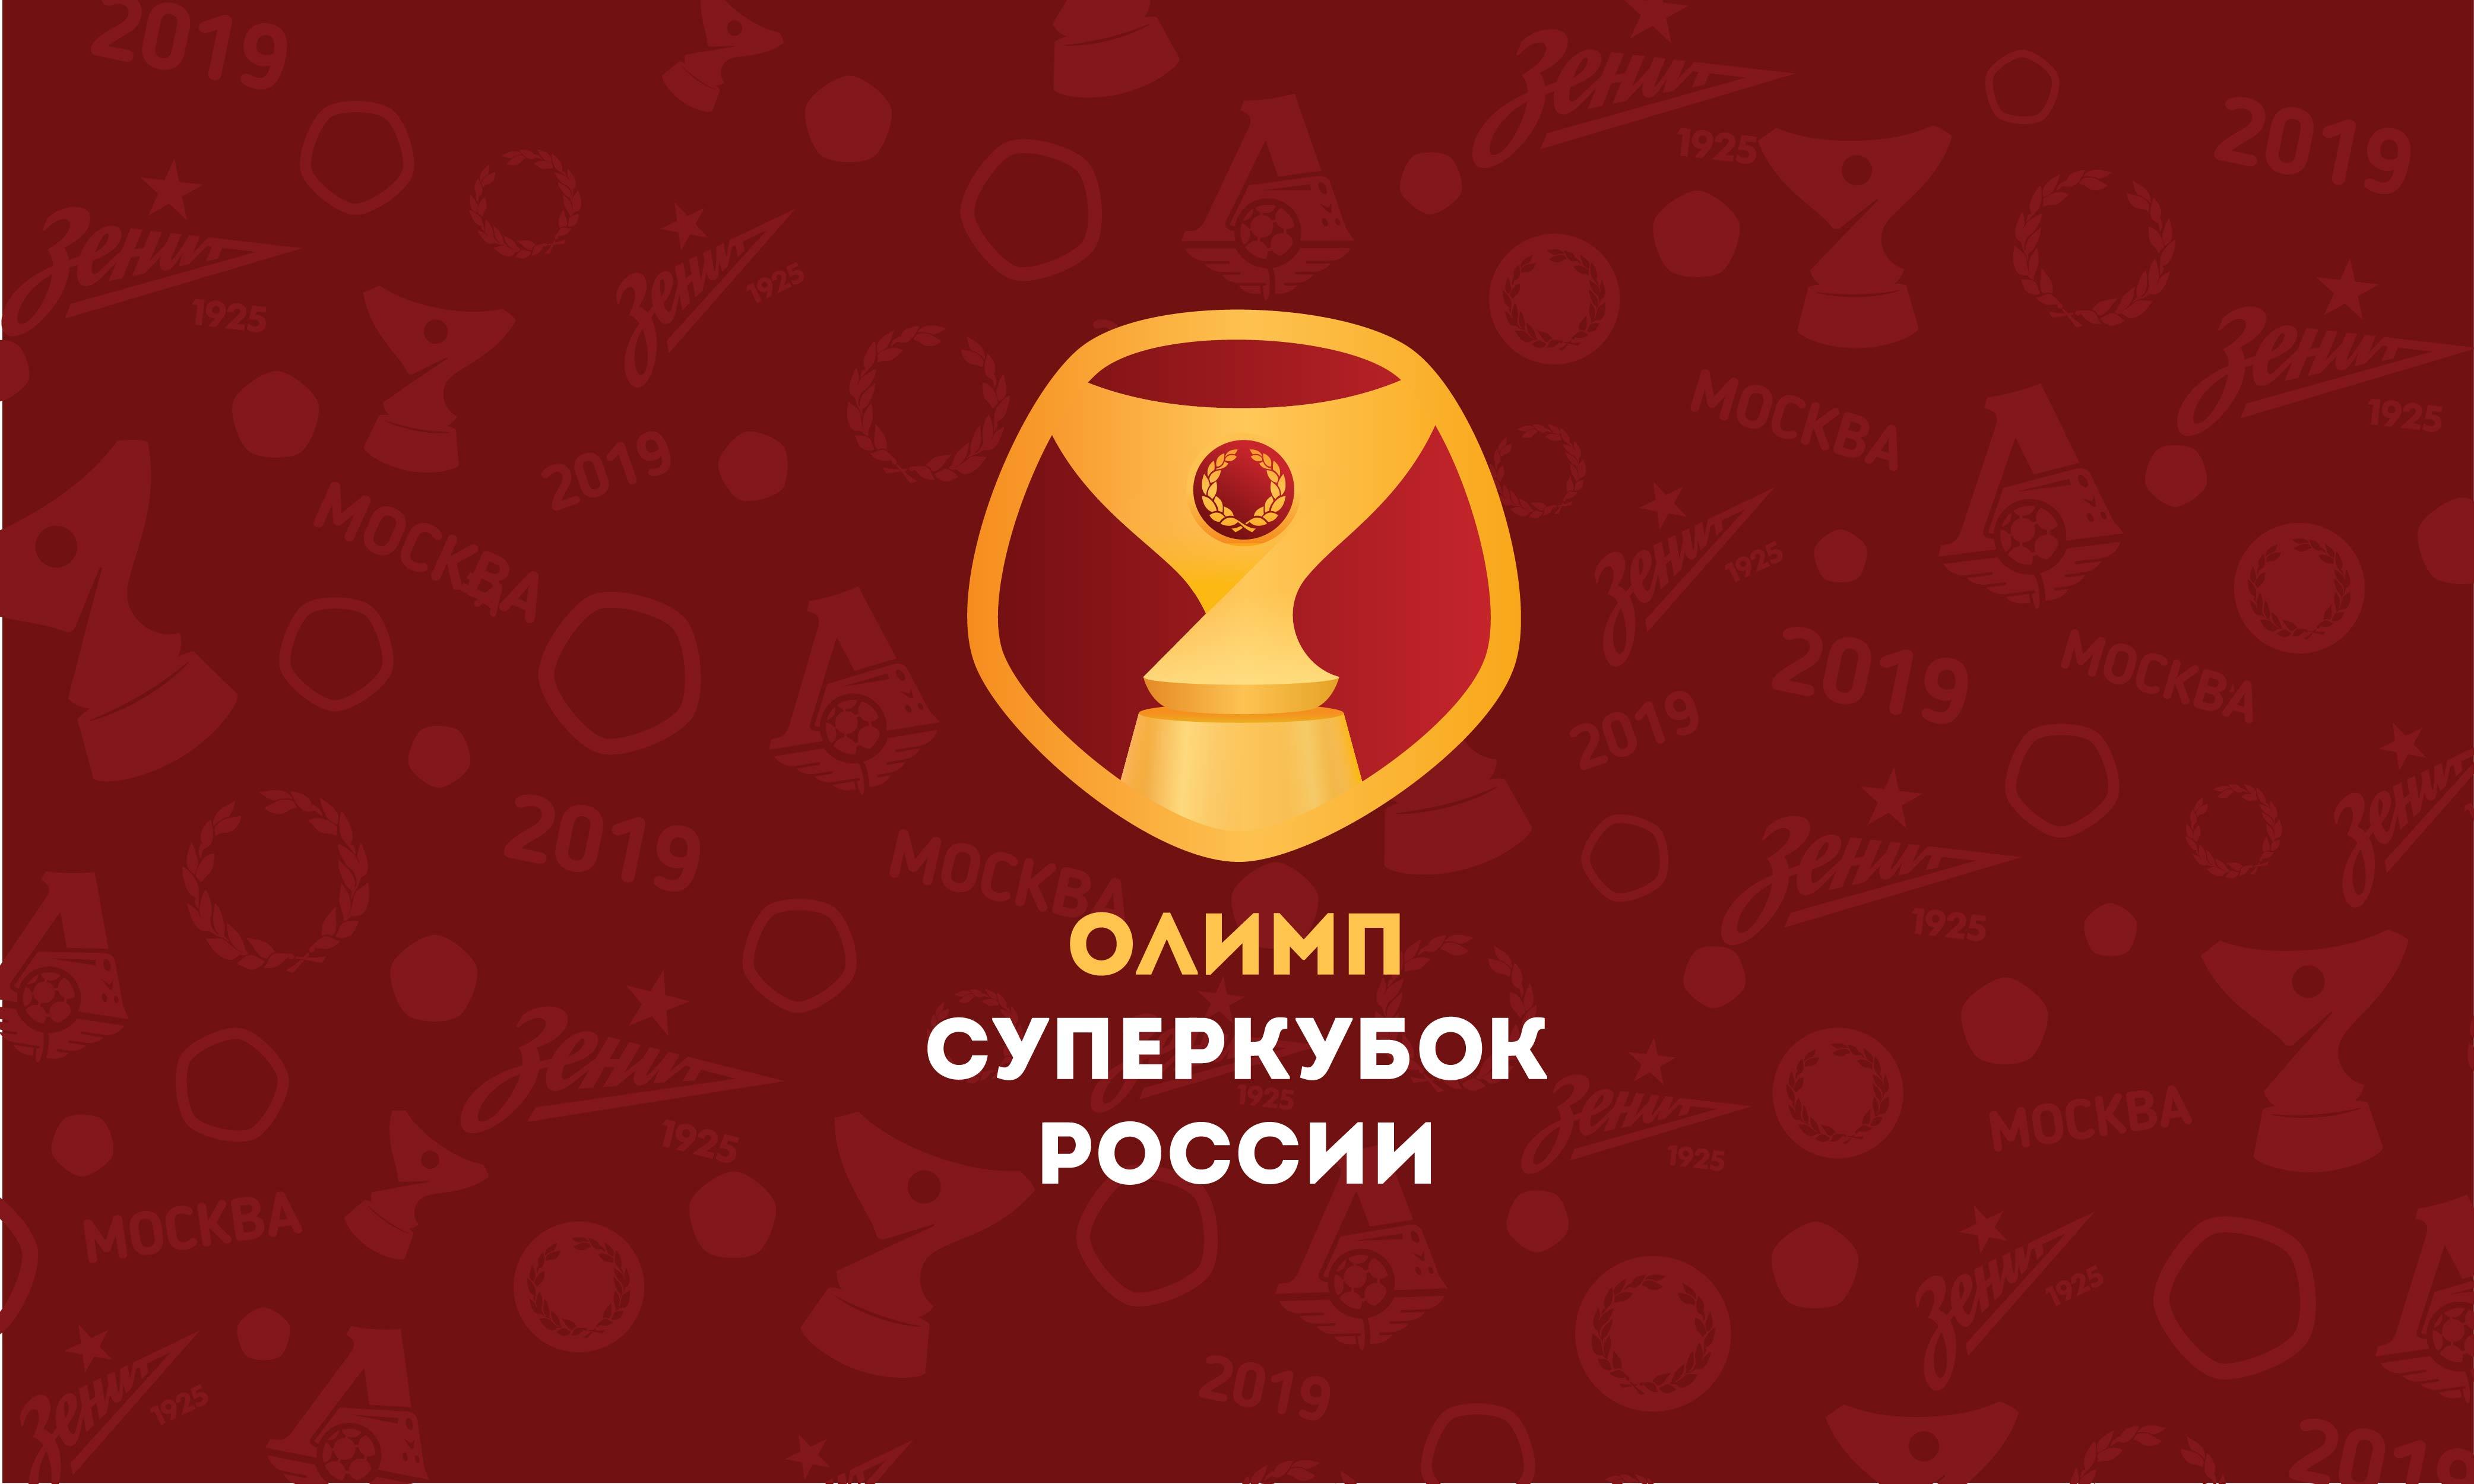 Олимп-Суперкубок России дарит радость детям